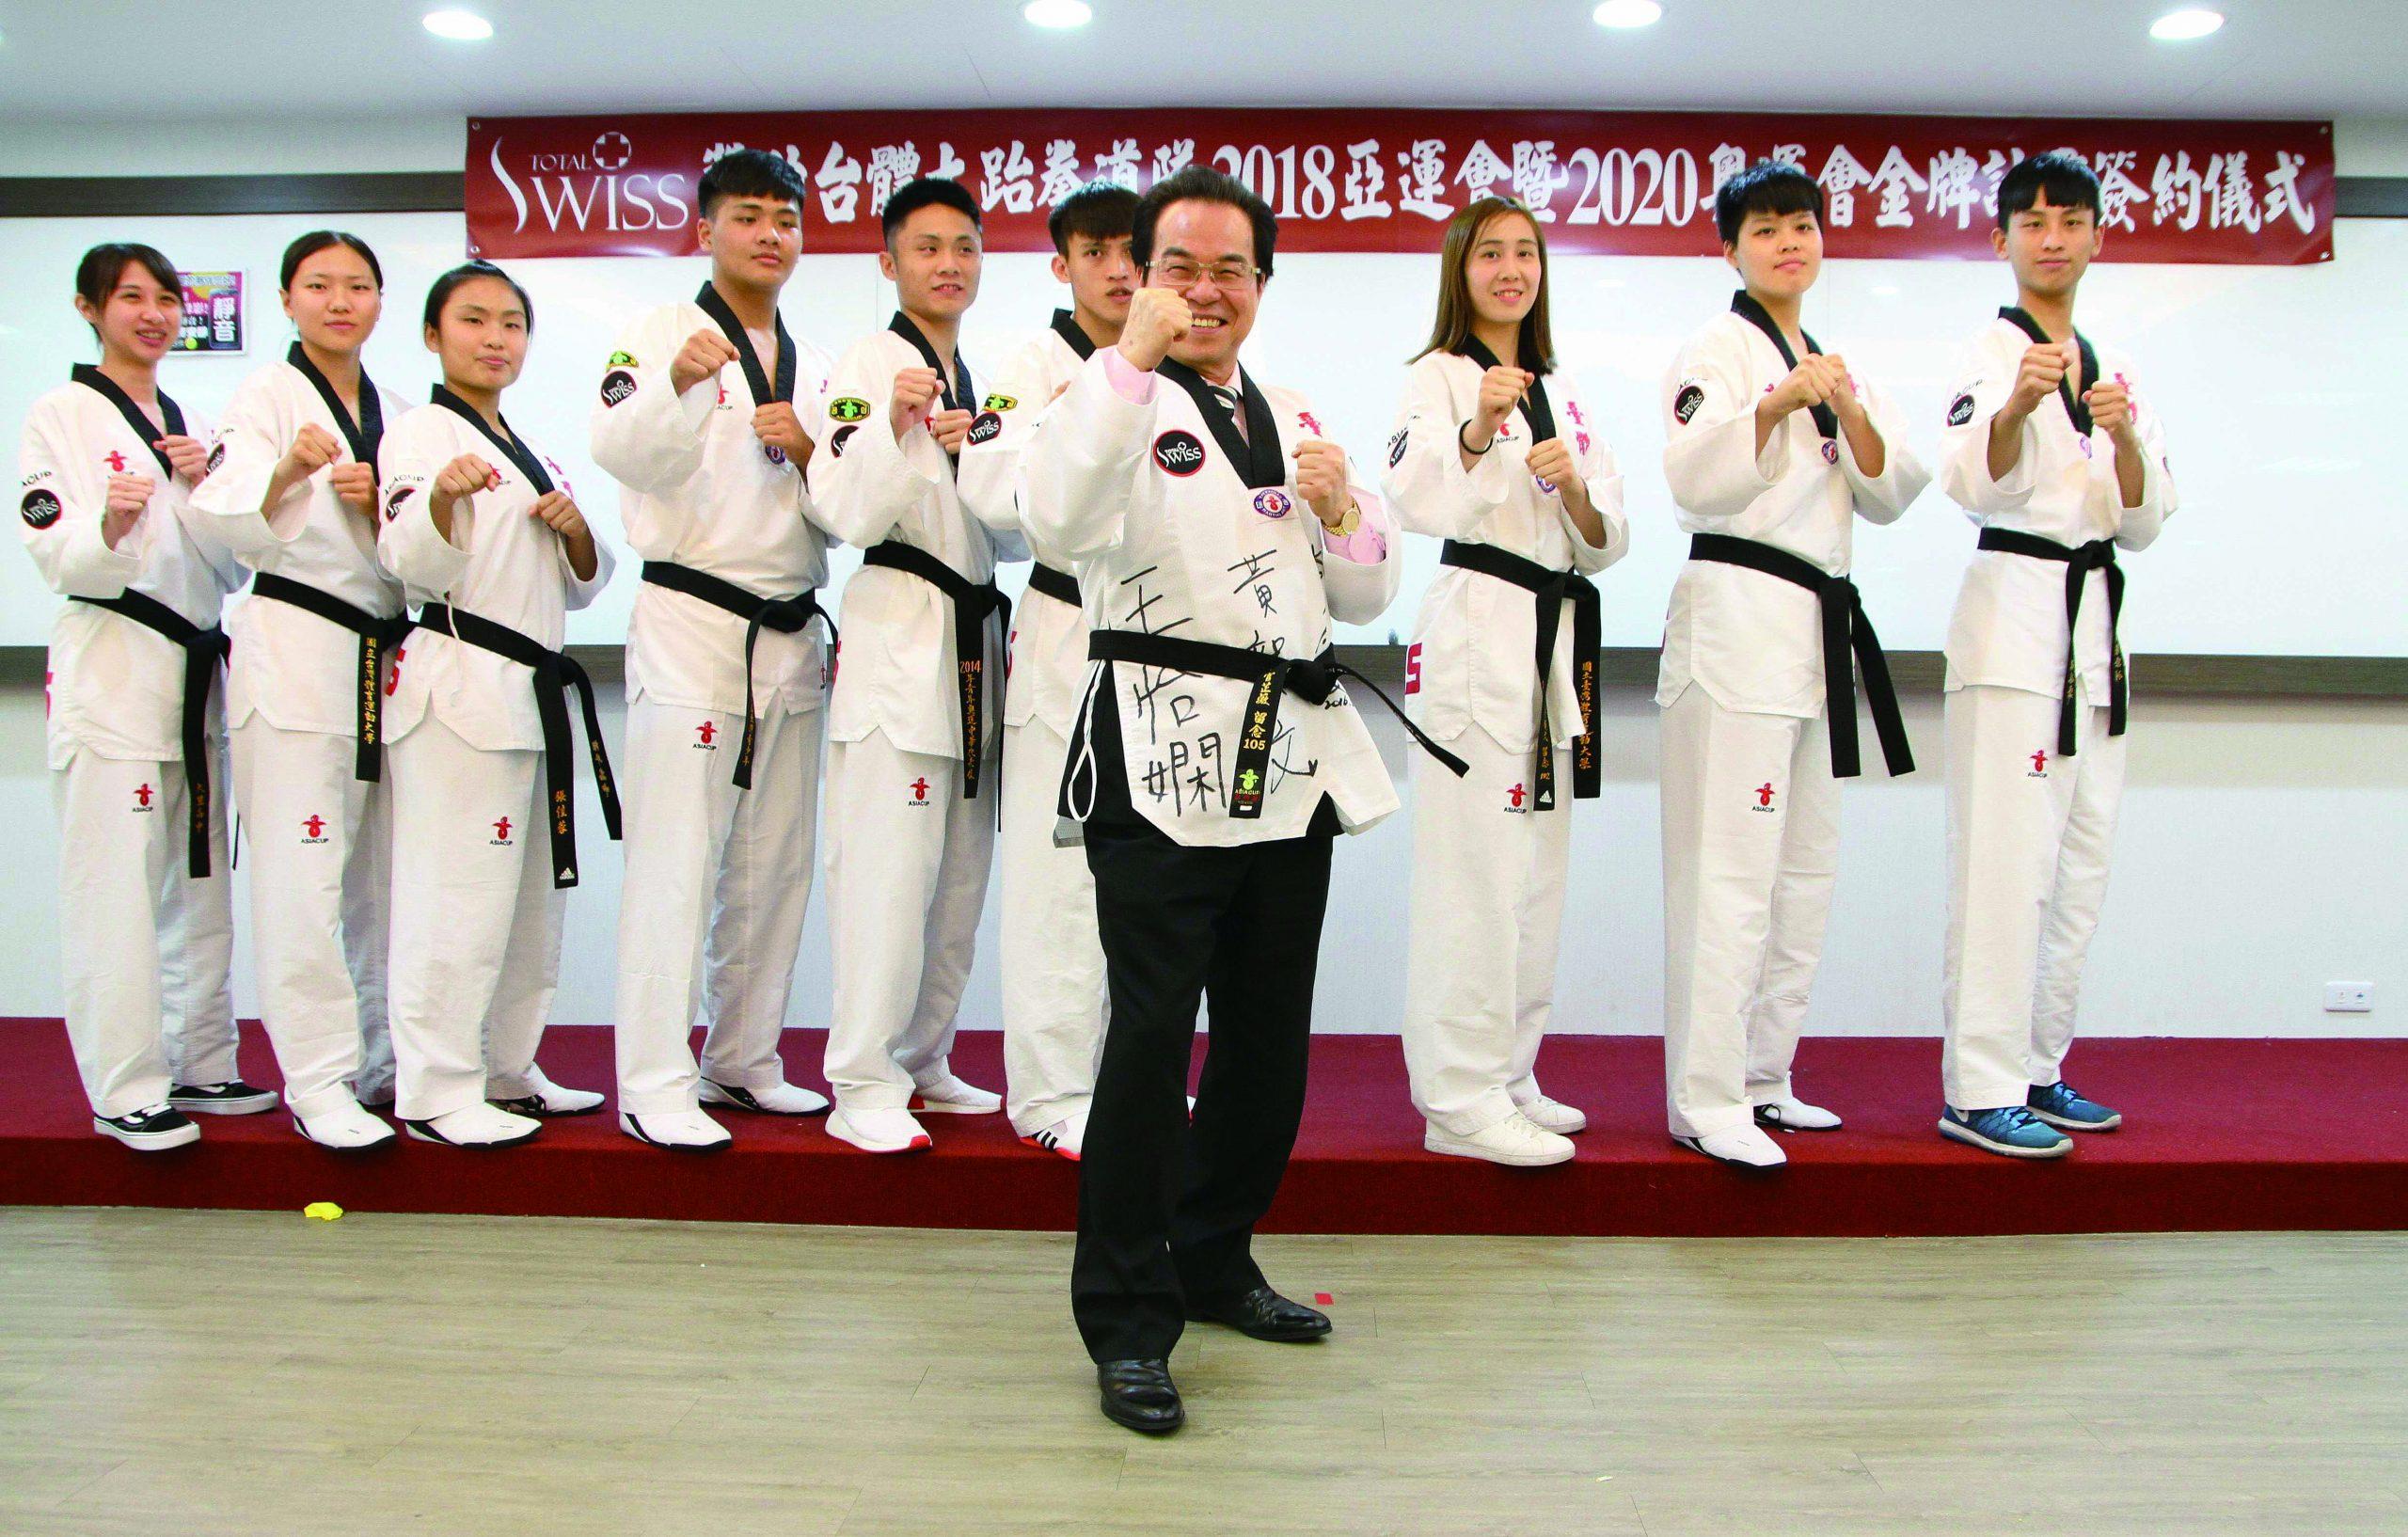 八馬國際創辦人王文欽 取之社會用之社會